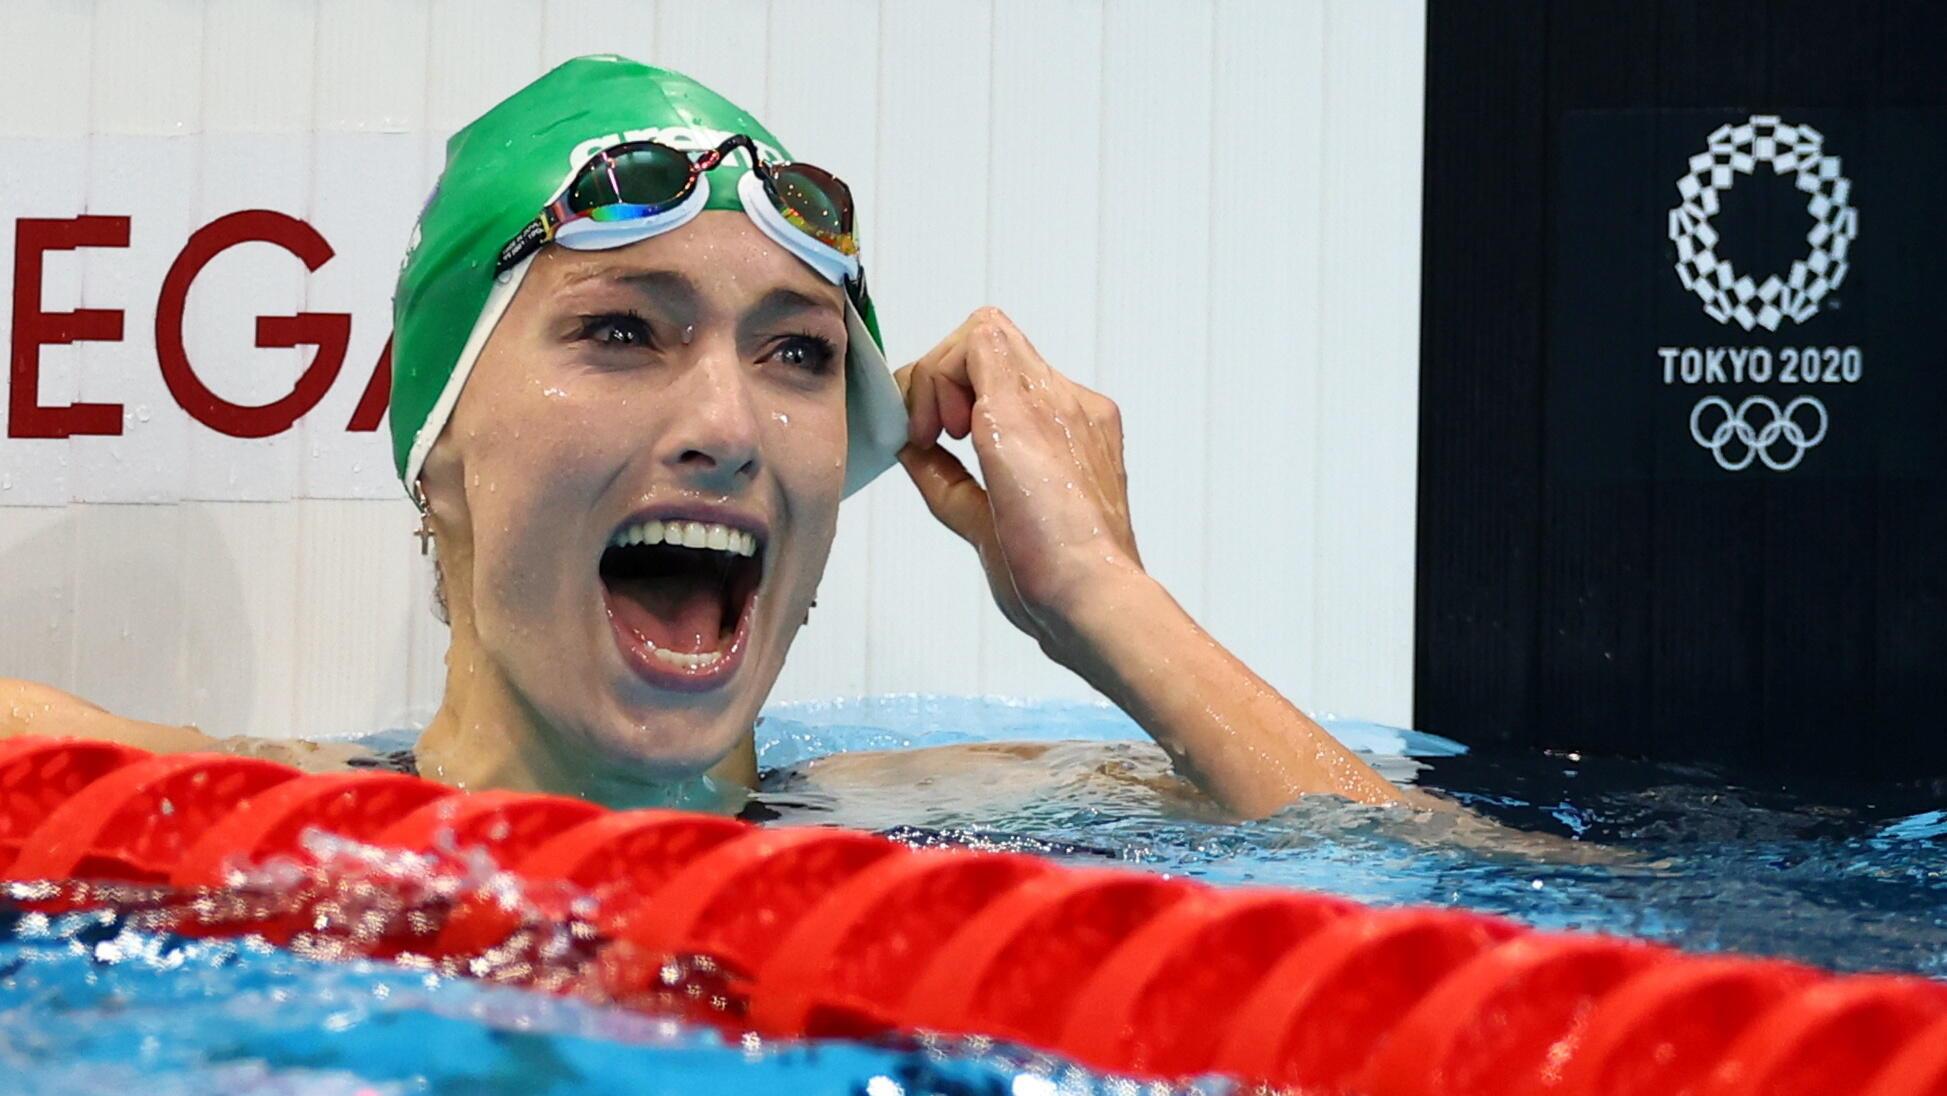 La nageuse sud-africaine Tatjana Schoenmaker après avoir battu le record olympique du 200 mètres brasse aux Jeux olympiques de Tokyo, le 28 juillet.